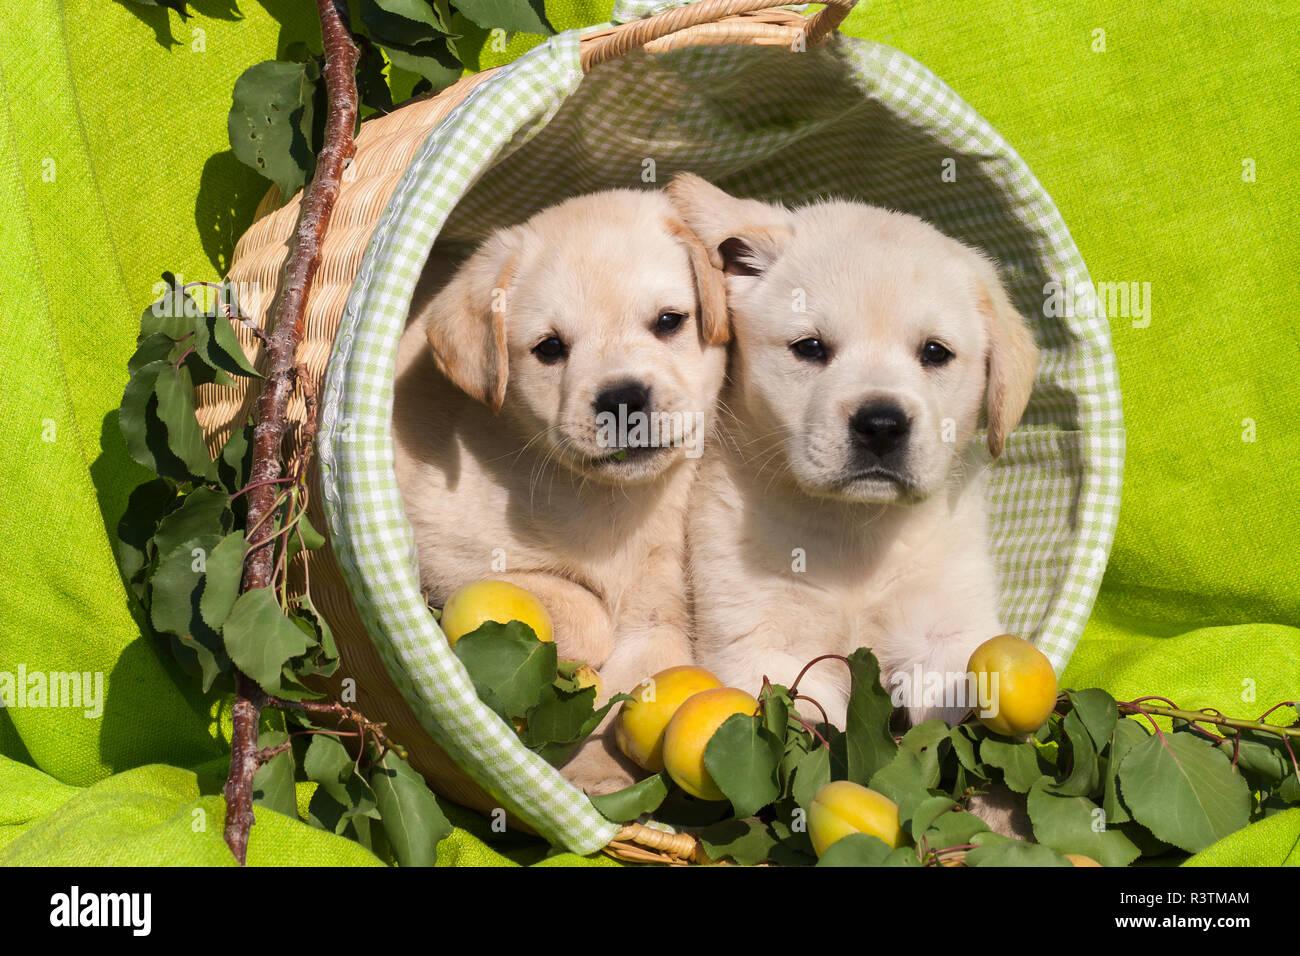 Labrador Welpen In Einem Hundekorb Stockfotos Und Bilder Kaufen Alamy